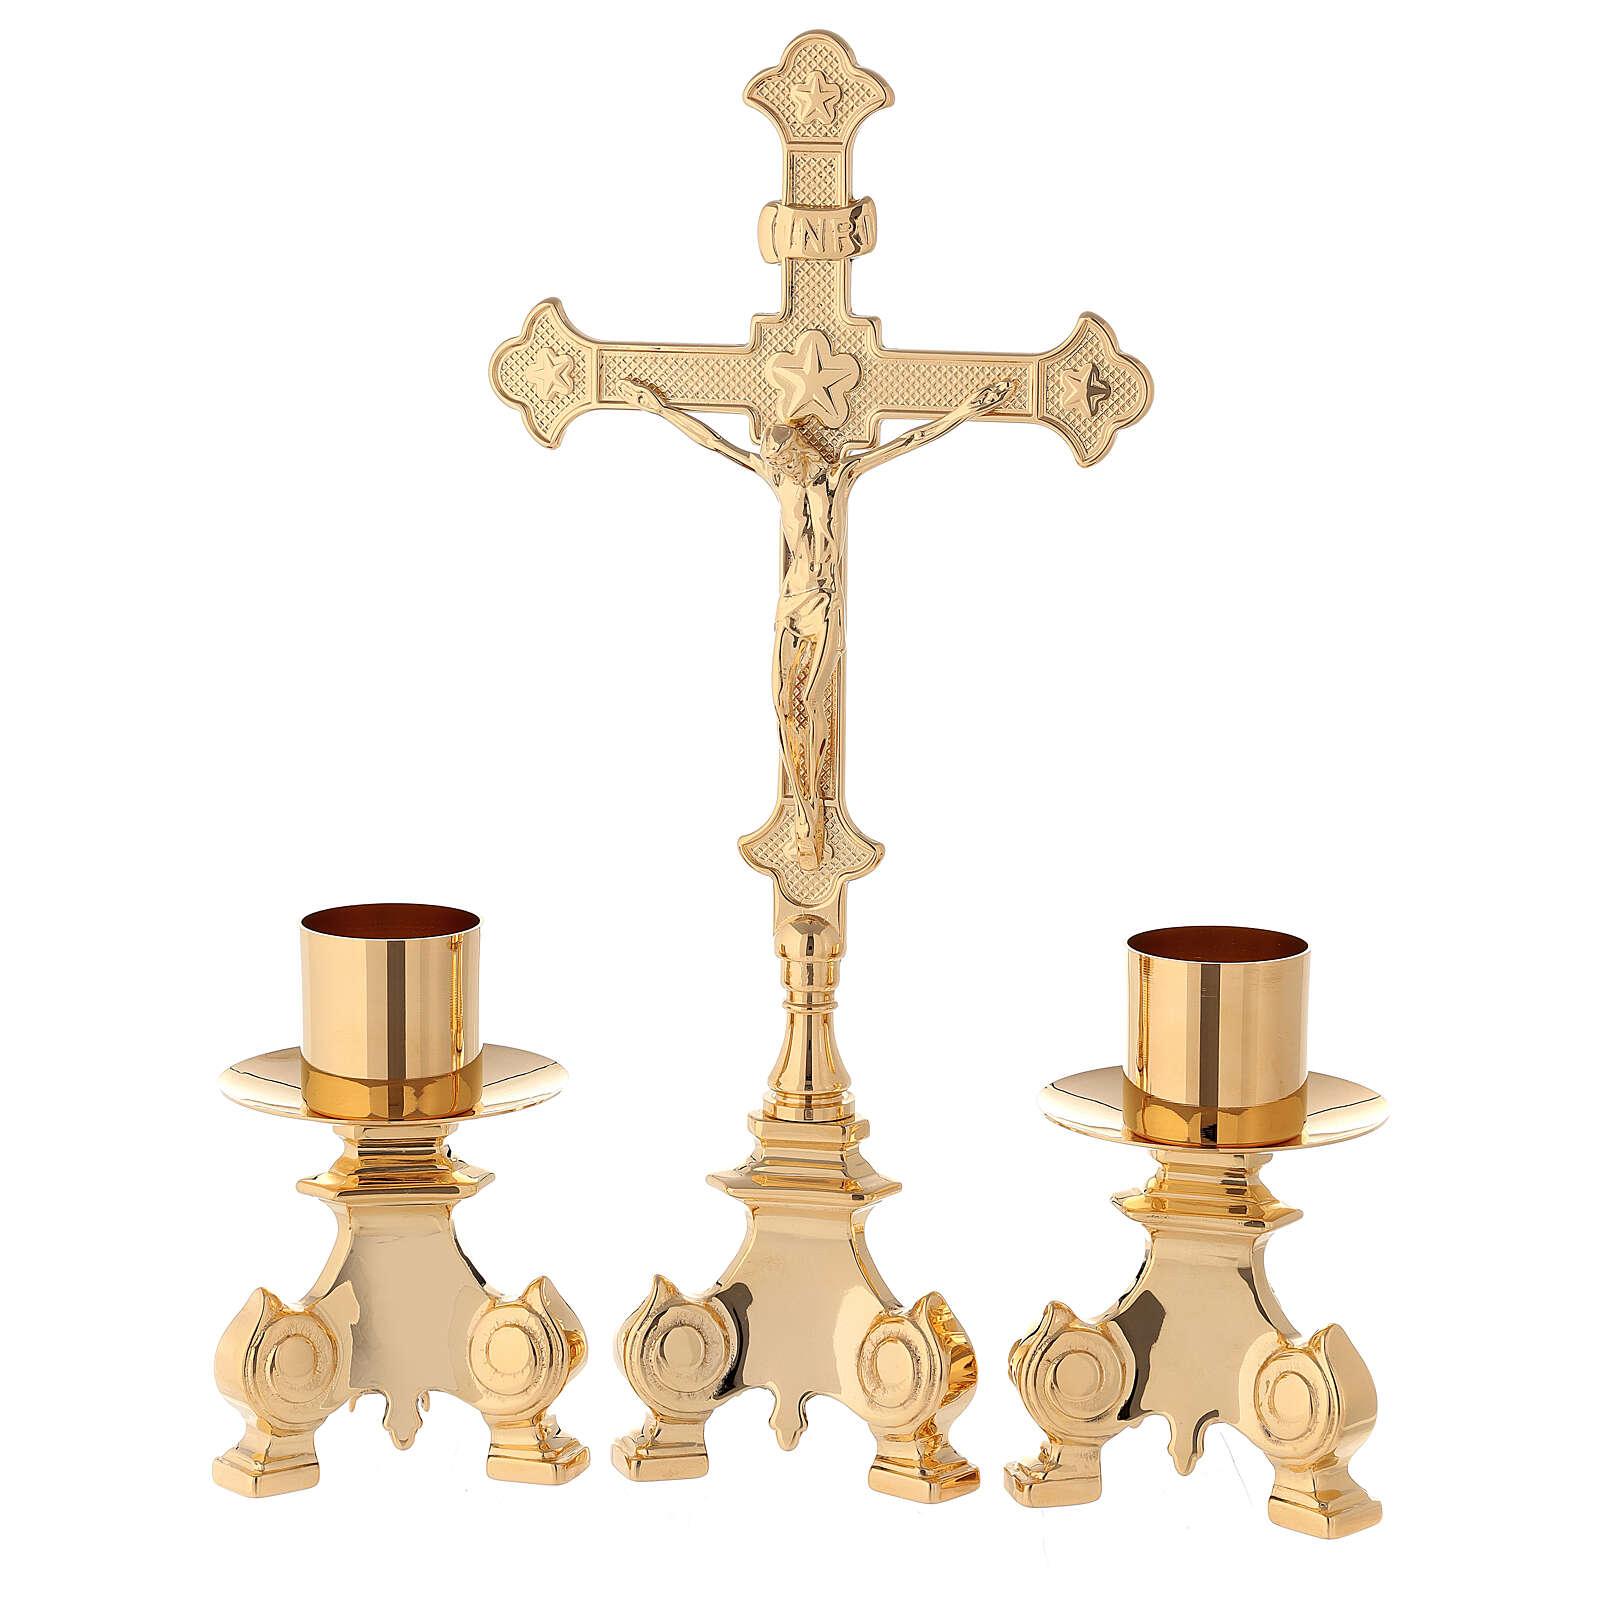 Completo altar cruz y candeleros latón 35 cm 4